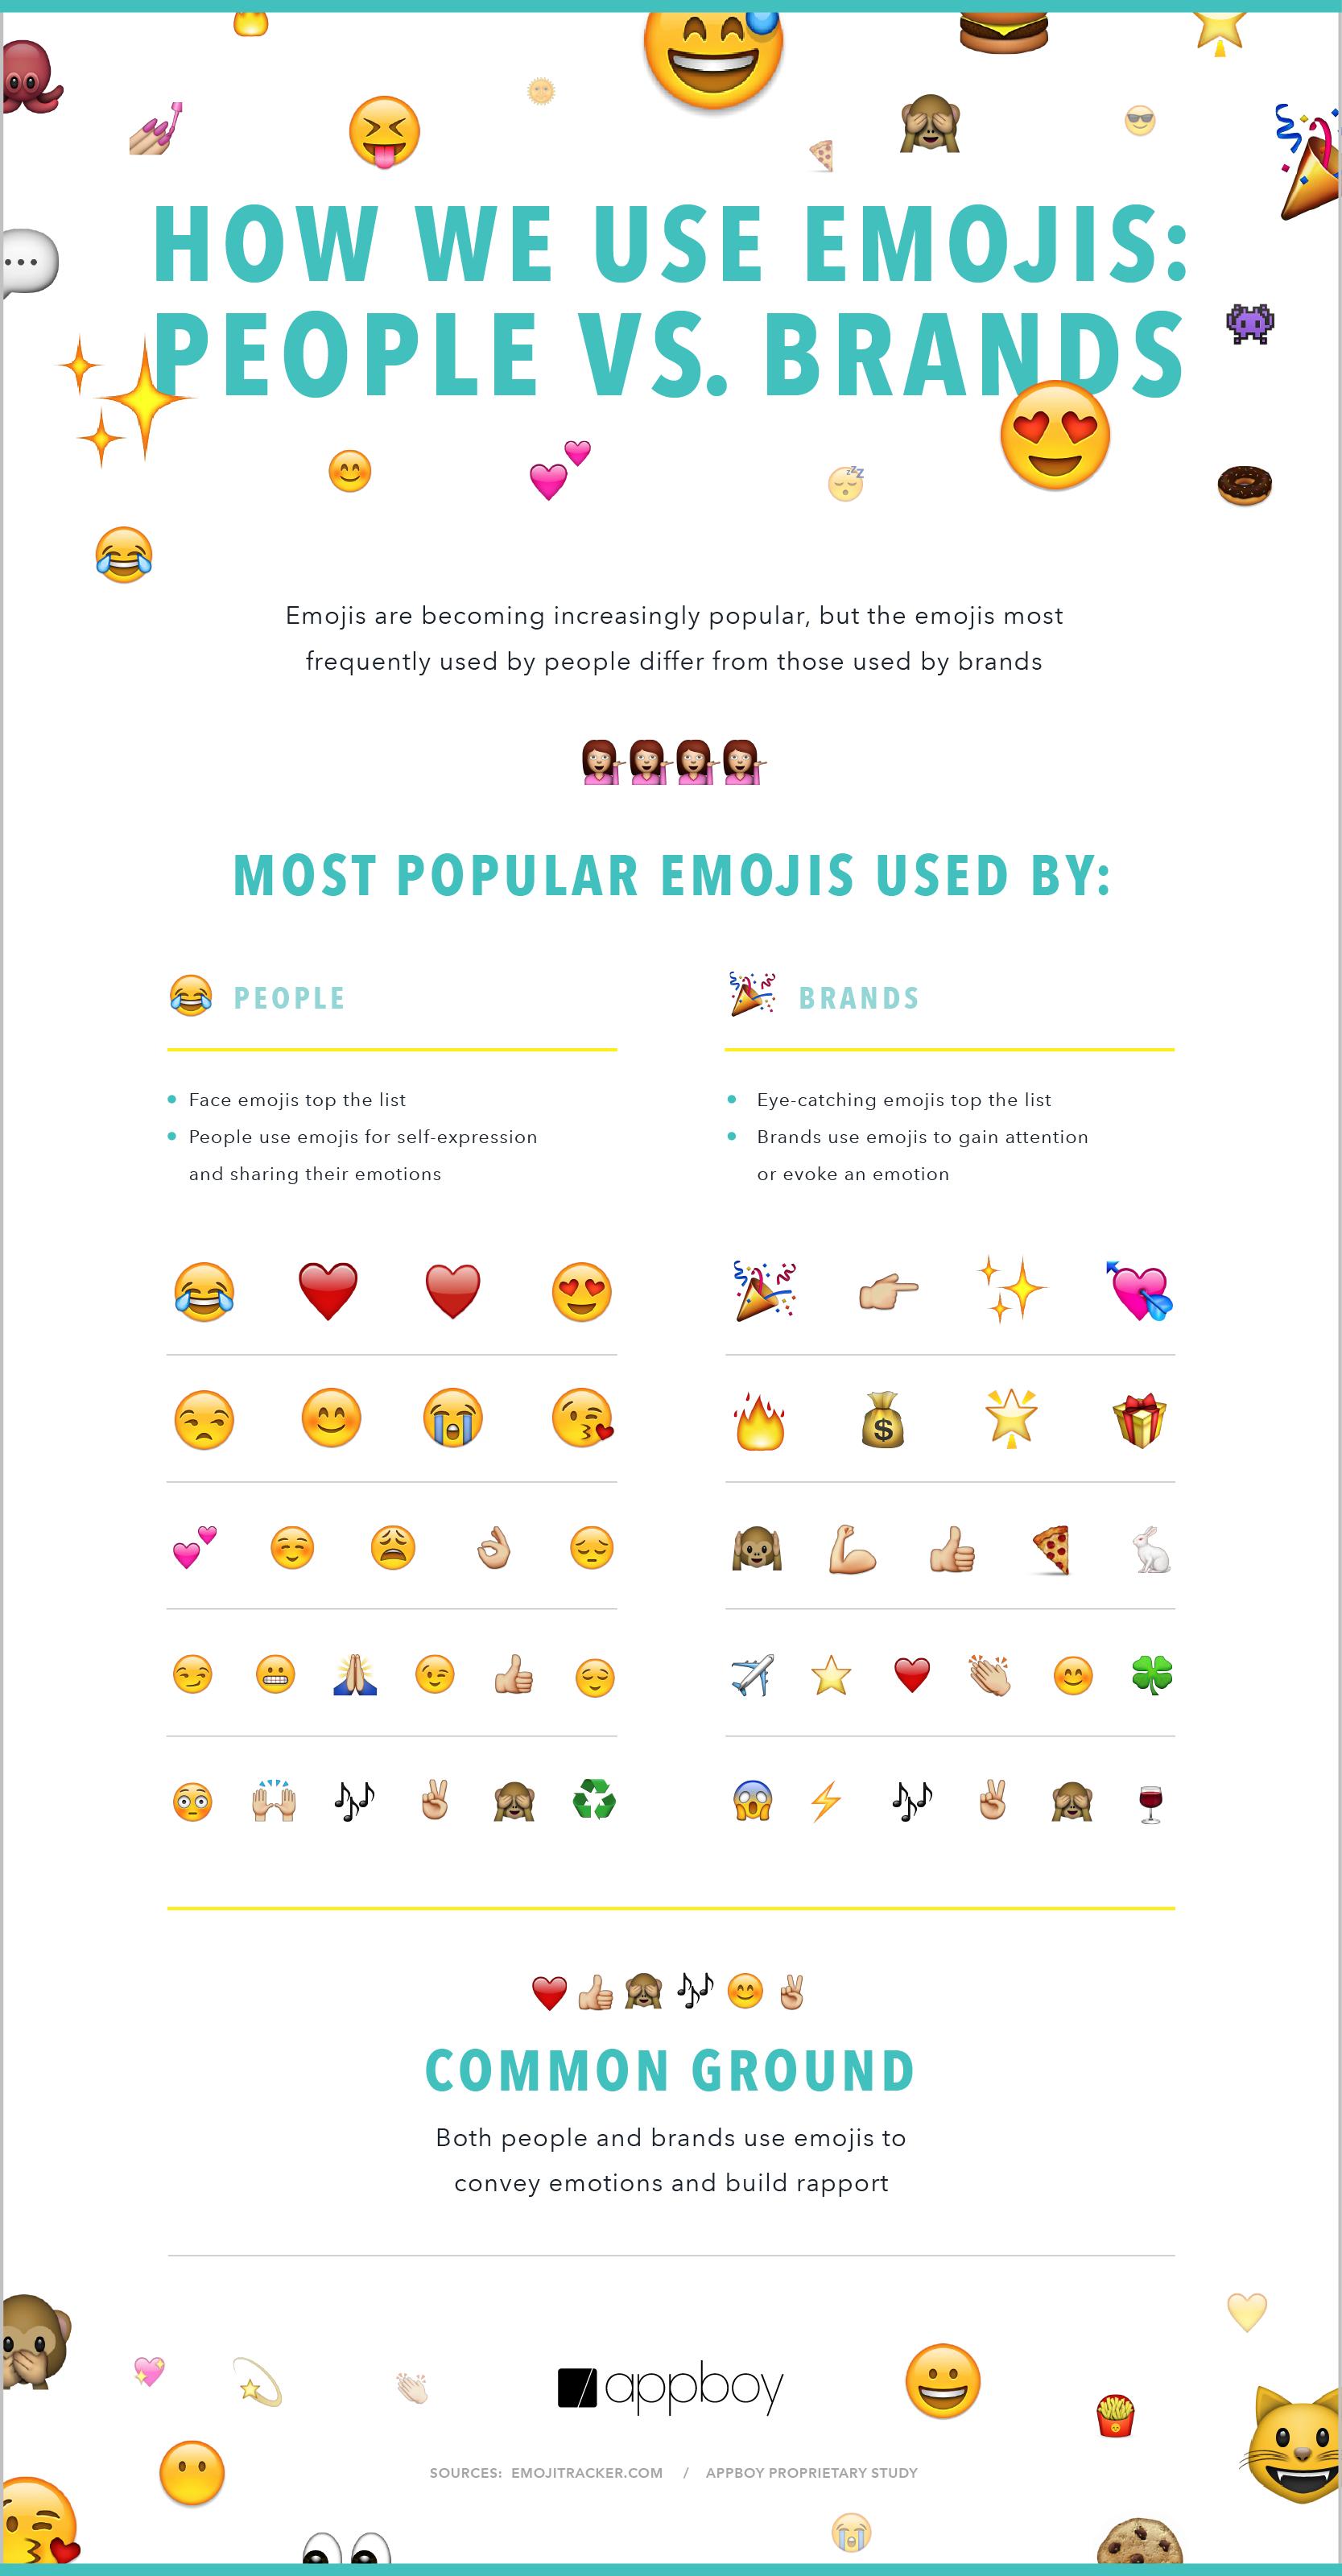 Les emojis utilisés par les marques et les internautes